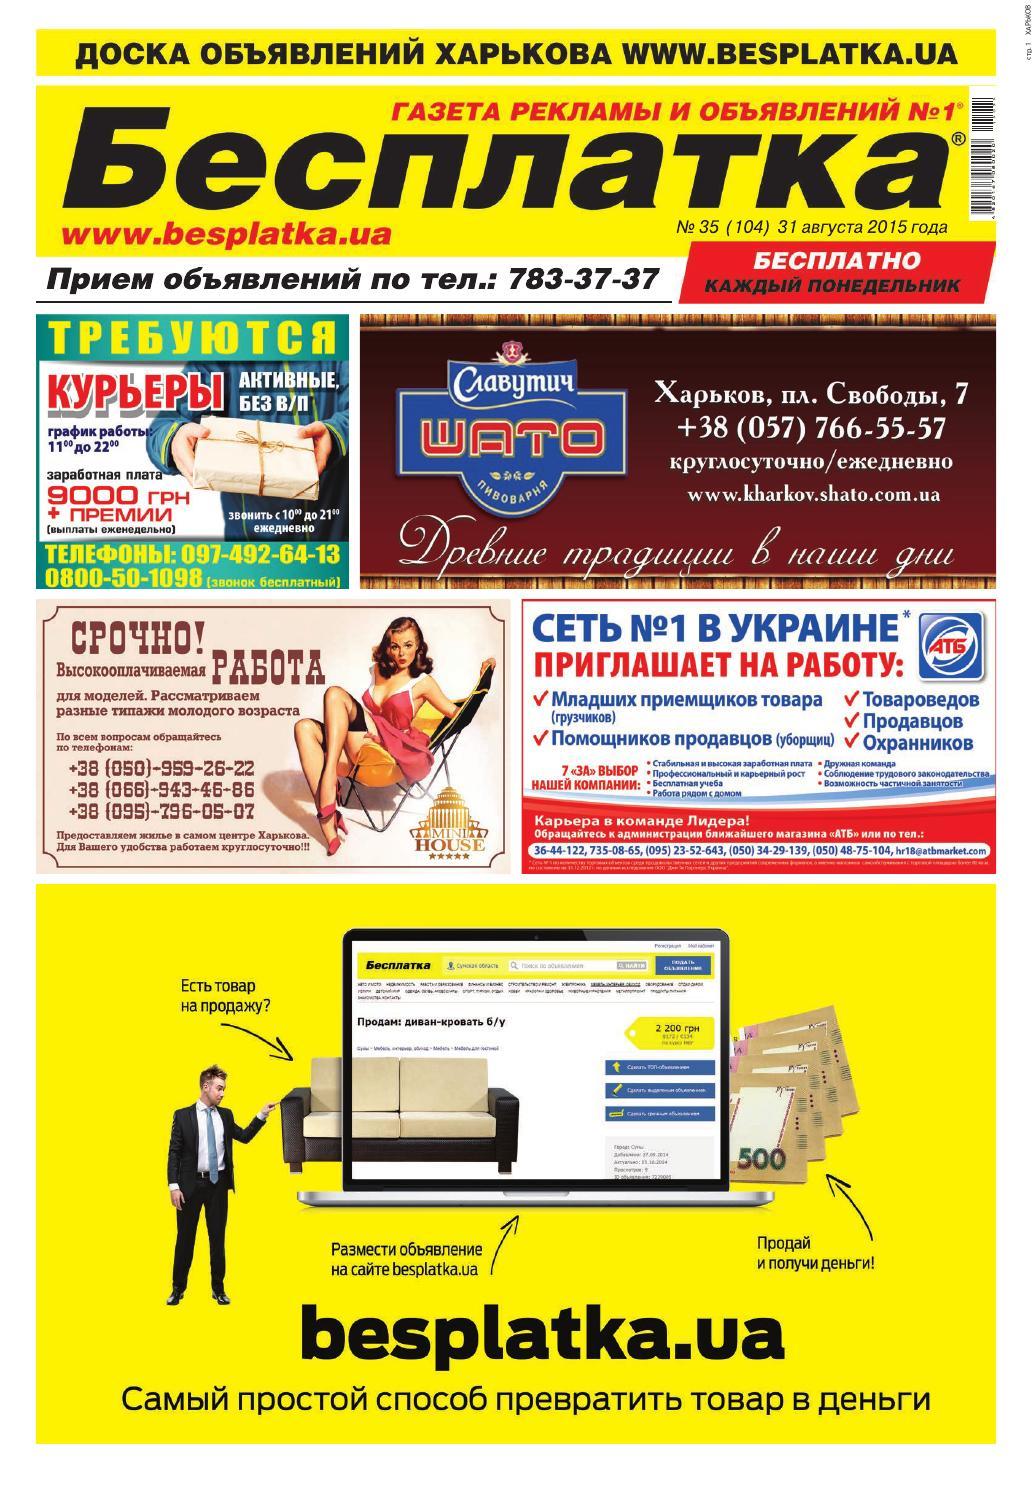 Besplatka  35 Харьков by besplatka ukraine - issuu eb34b709f8a